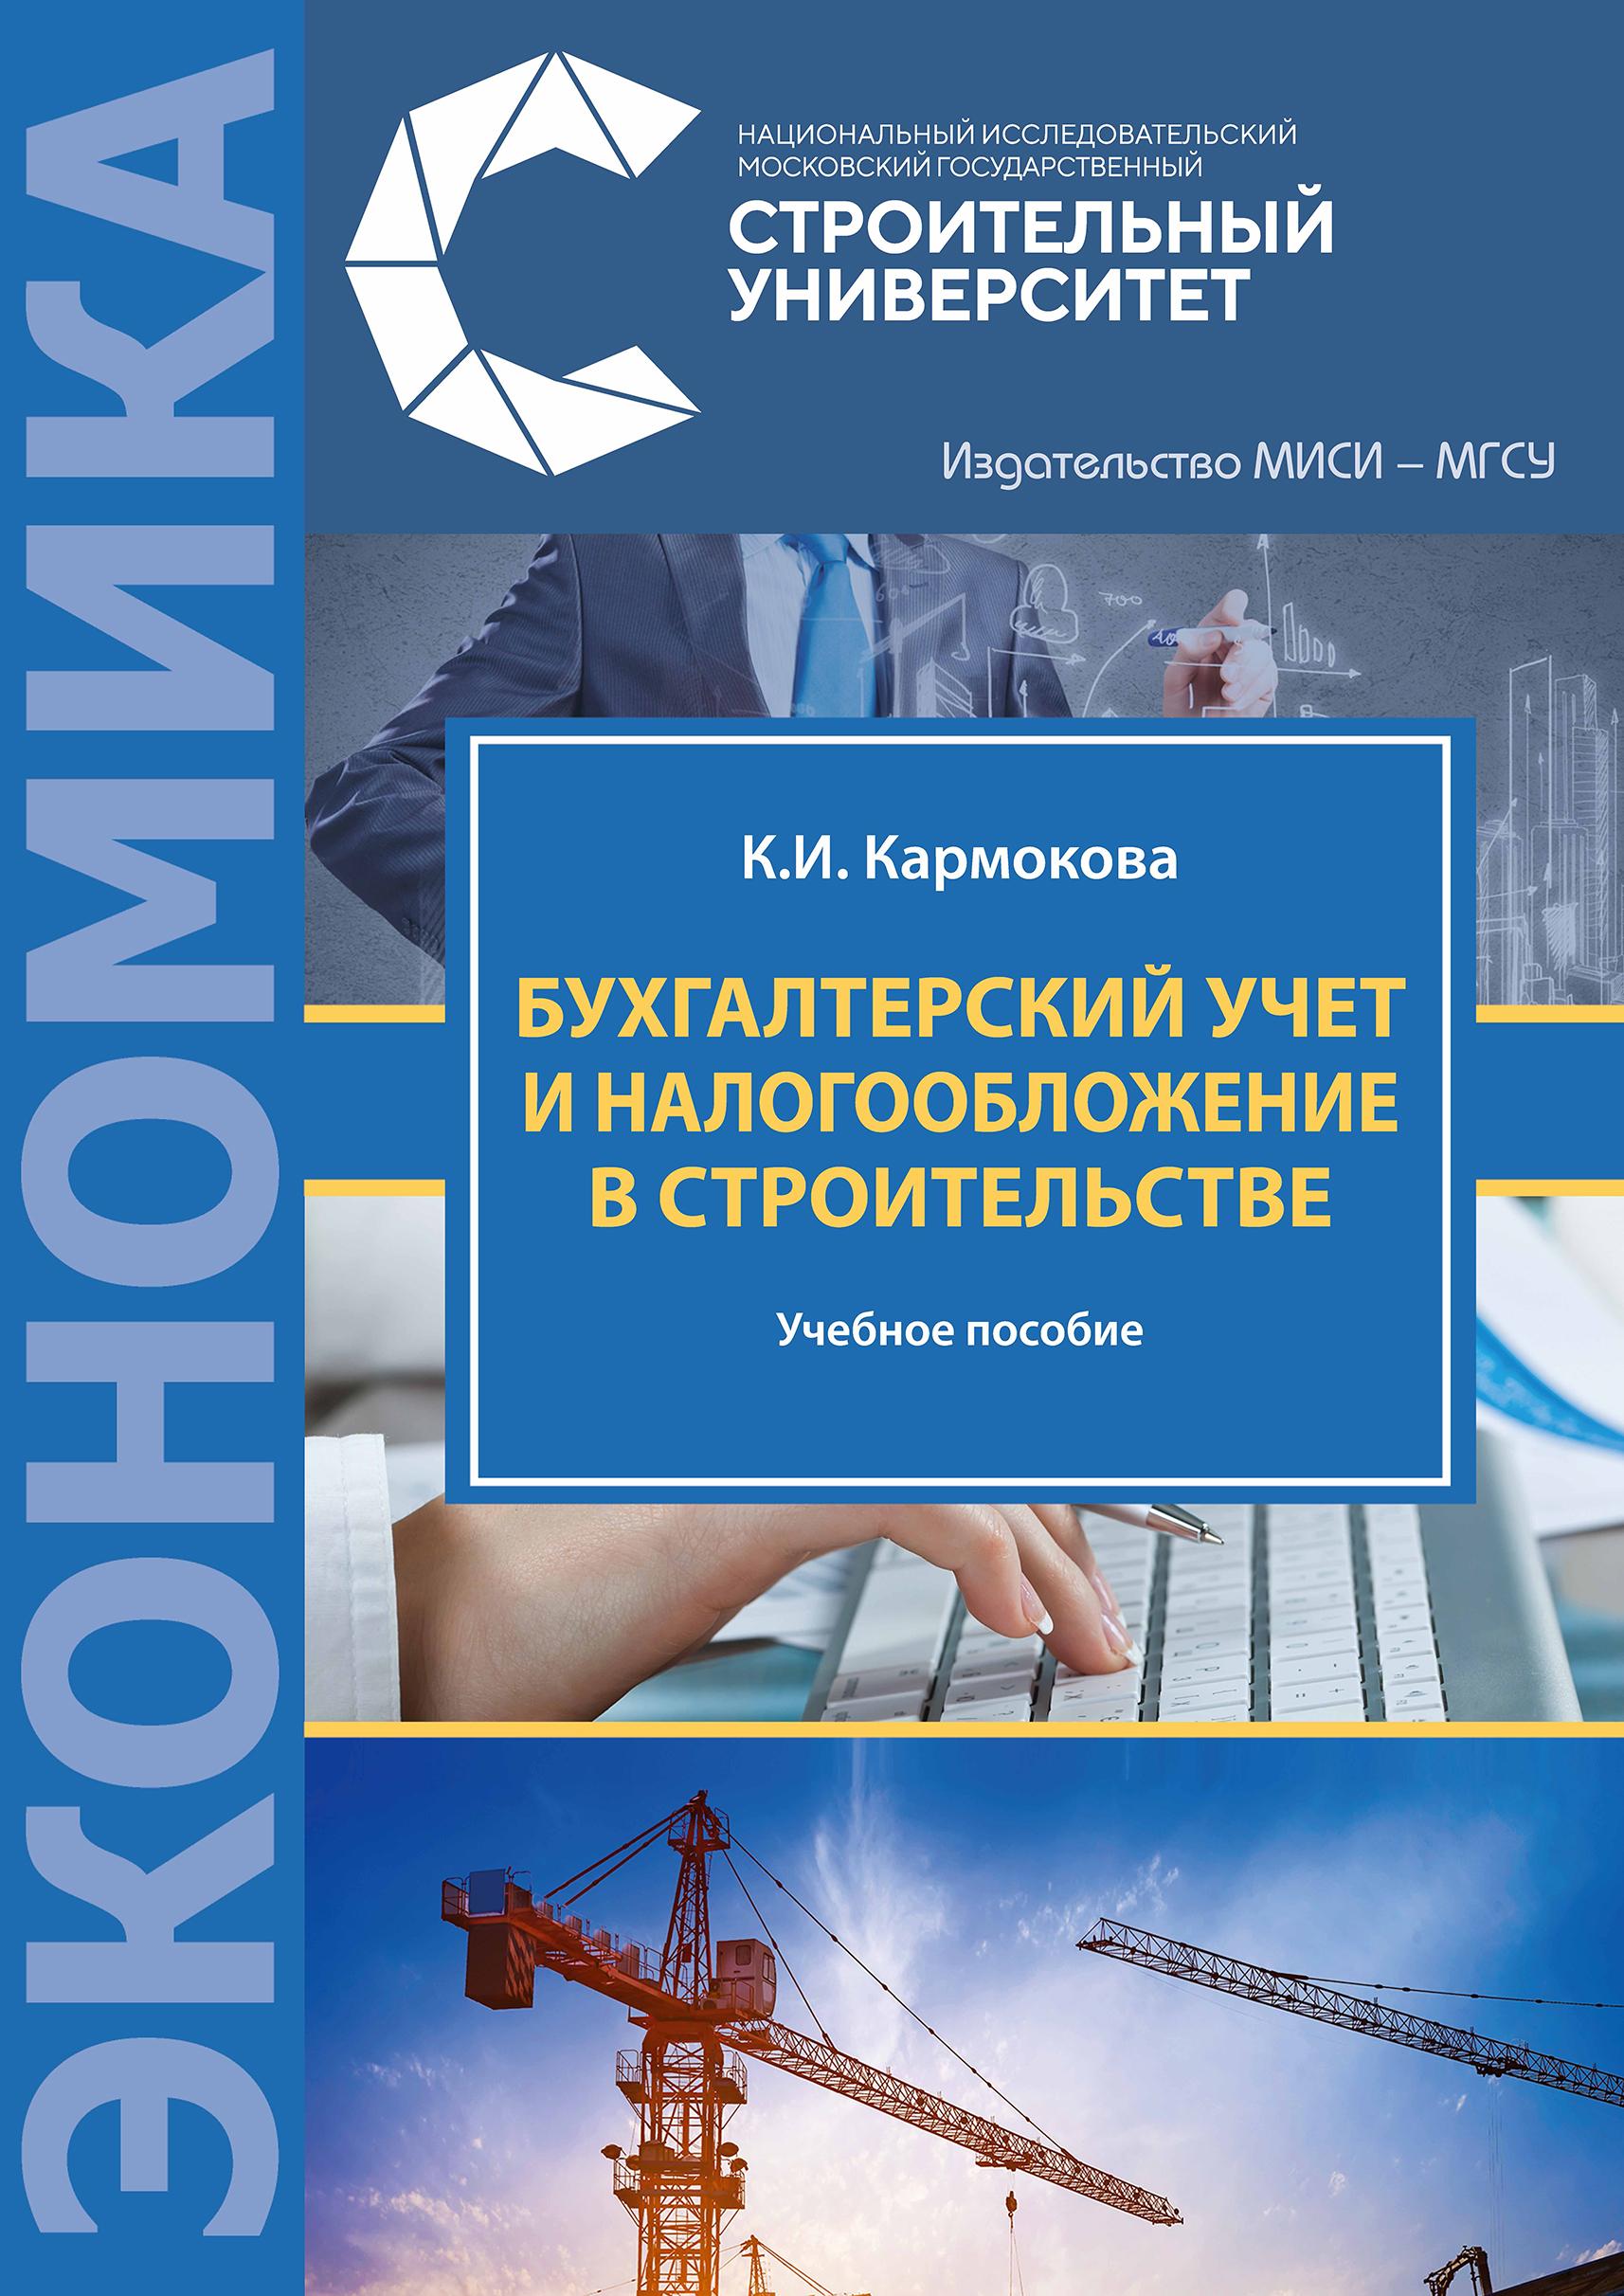 К. И. Кармокова Бухгалтерский учет и налогообложение в строительстве